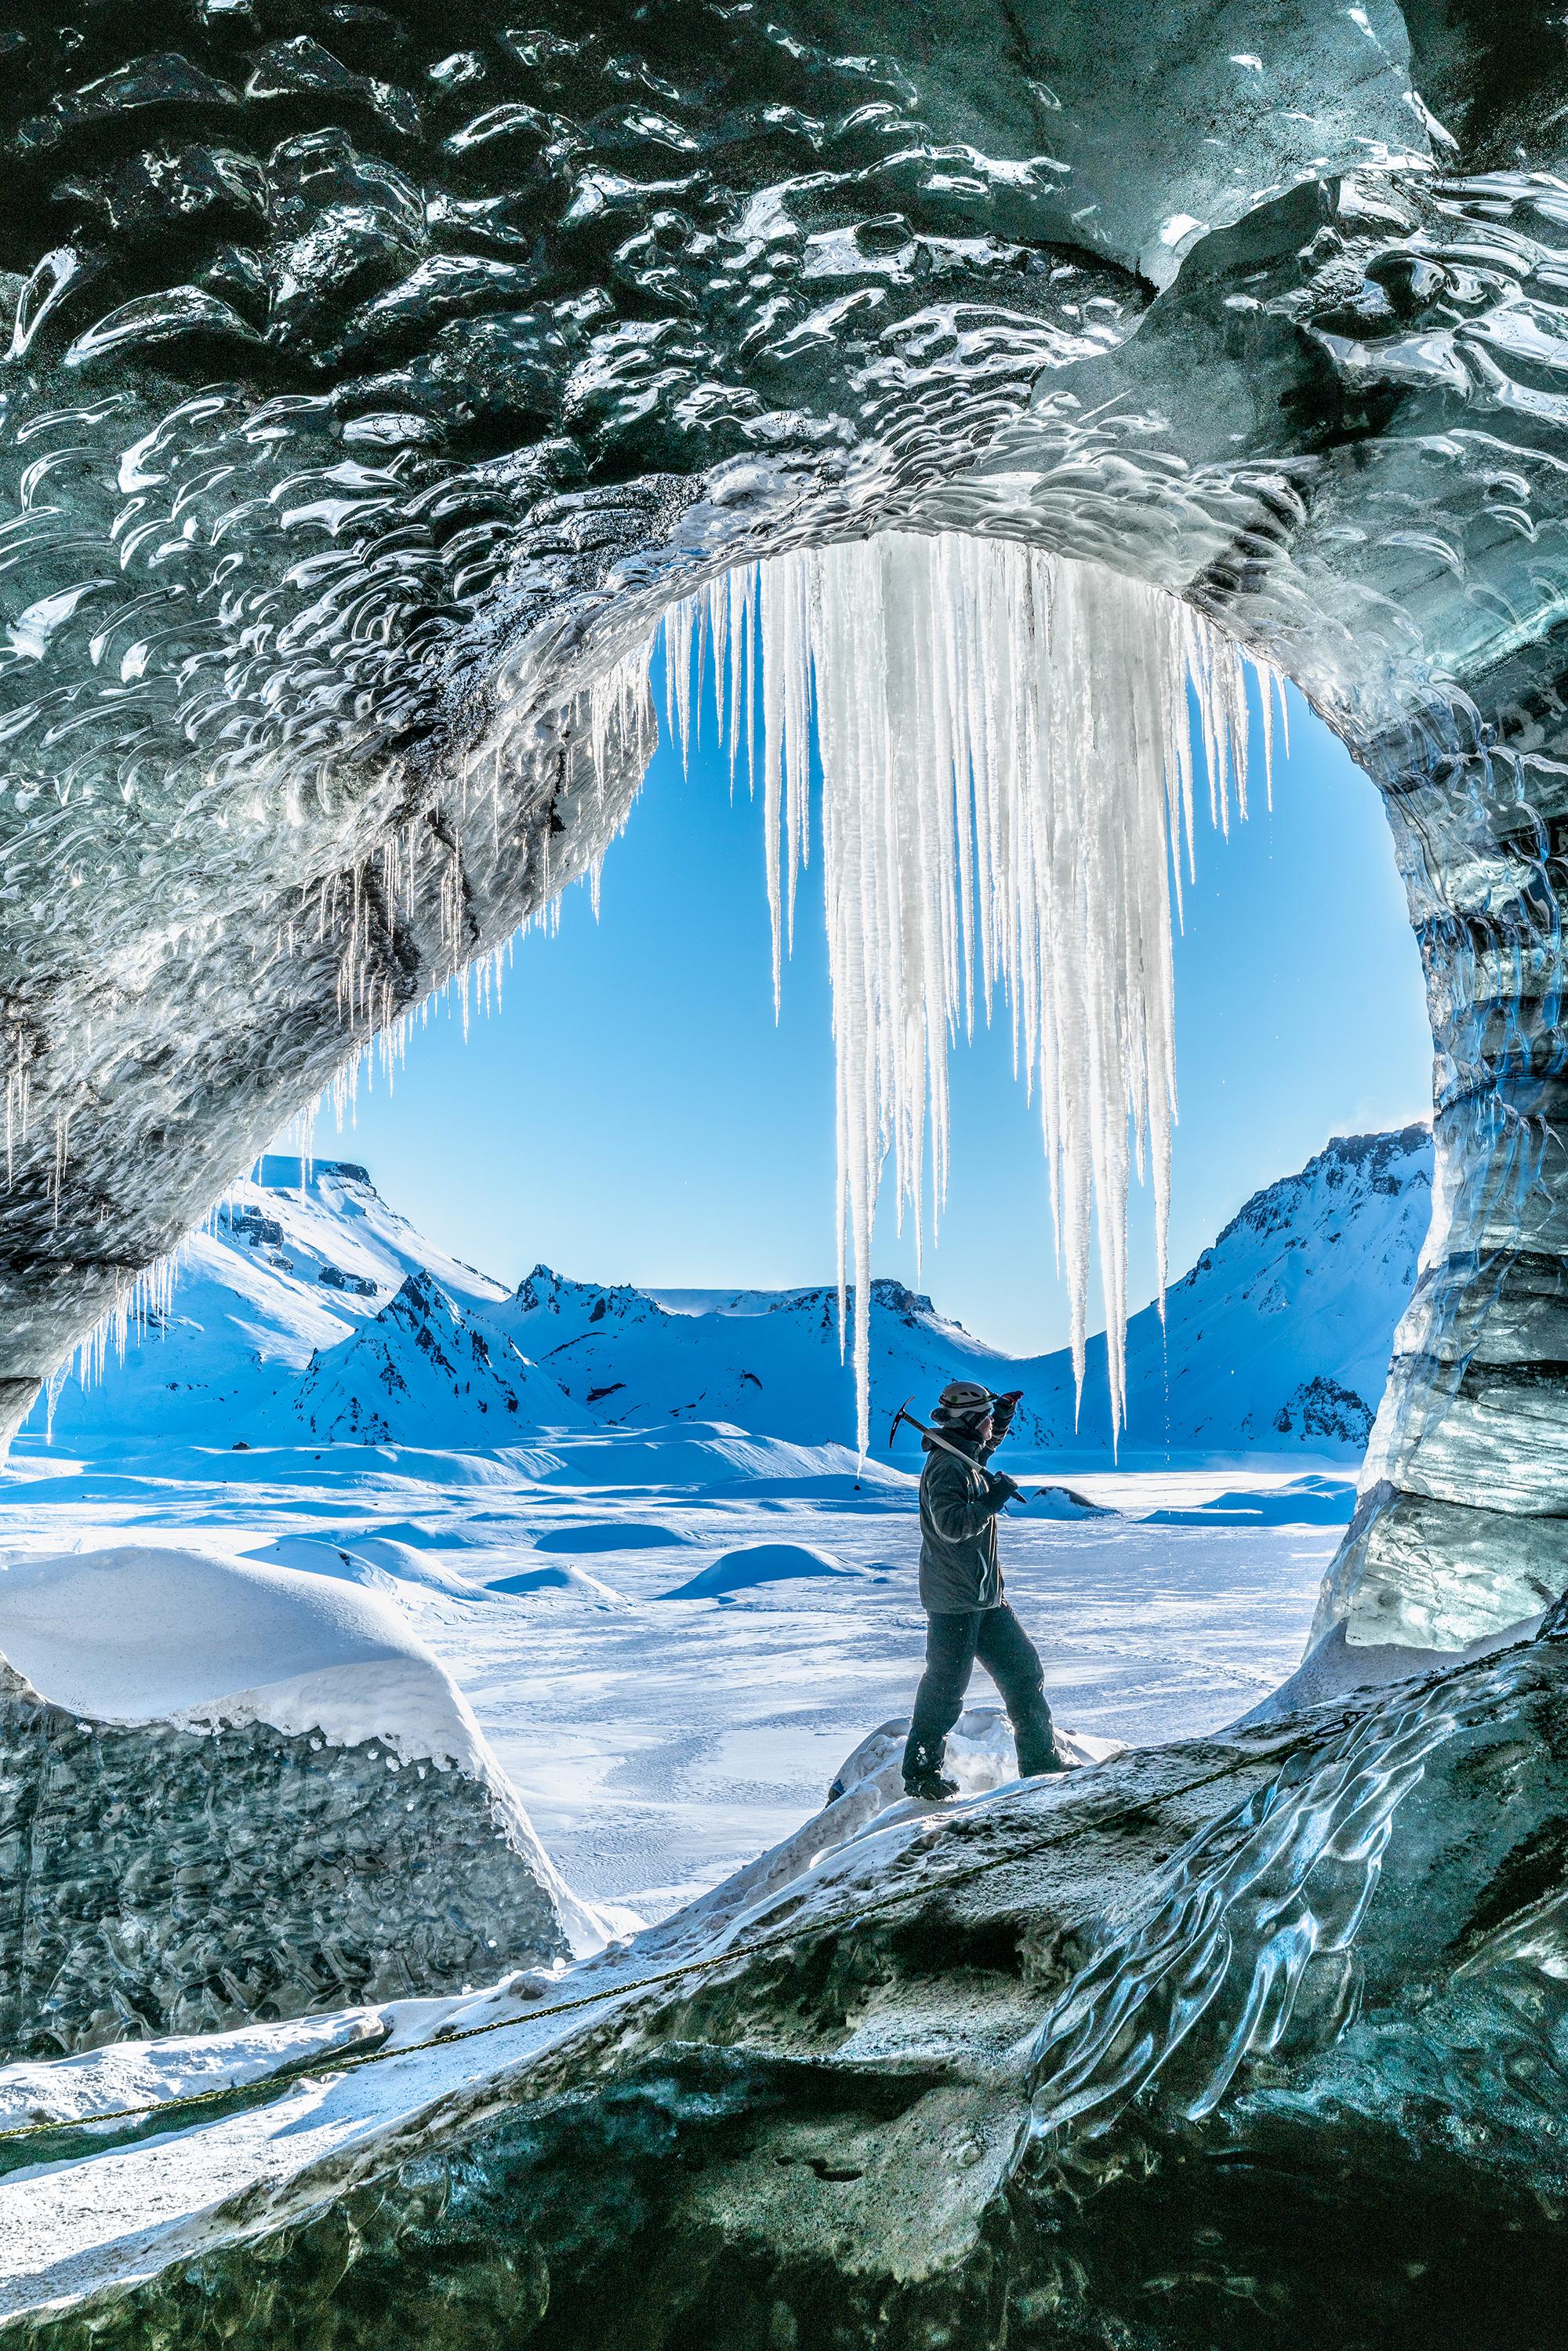 Katla-isgrotten er åben uden for de sædvanlige måneder med isgrottevandring i Island.